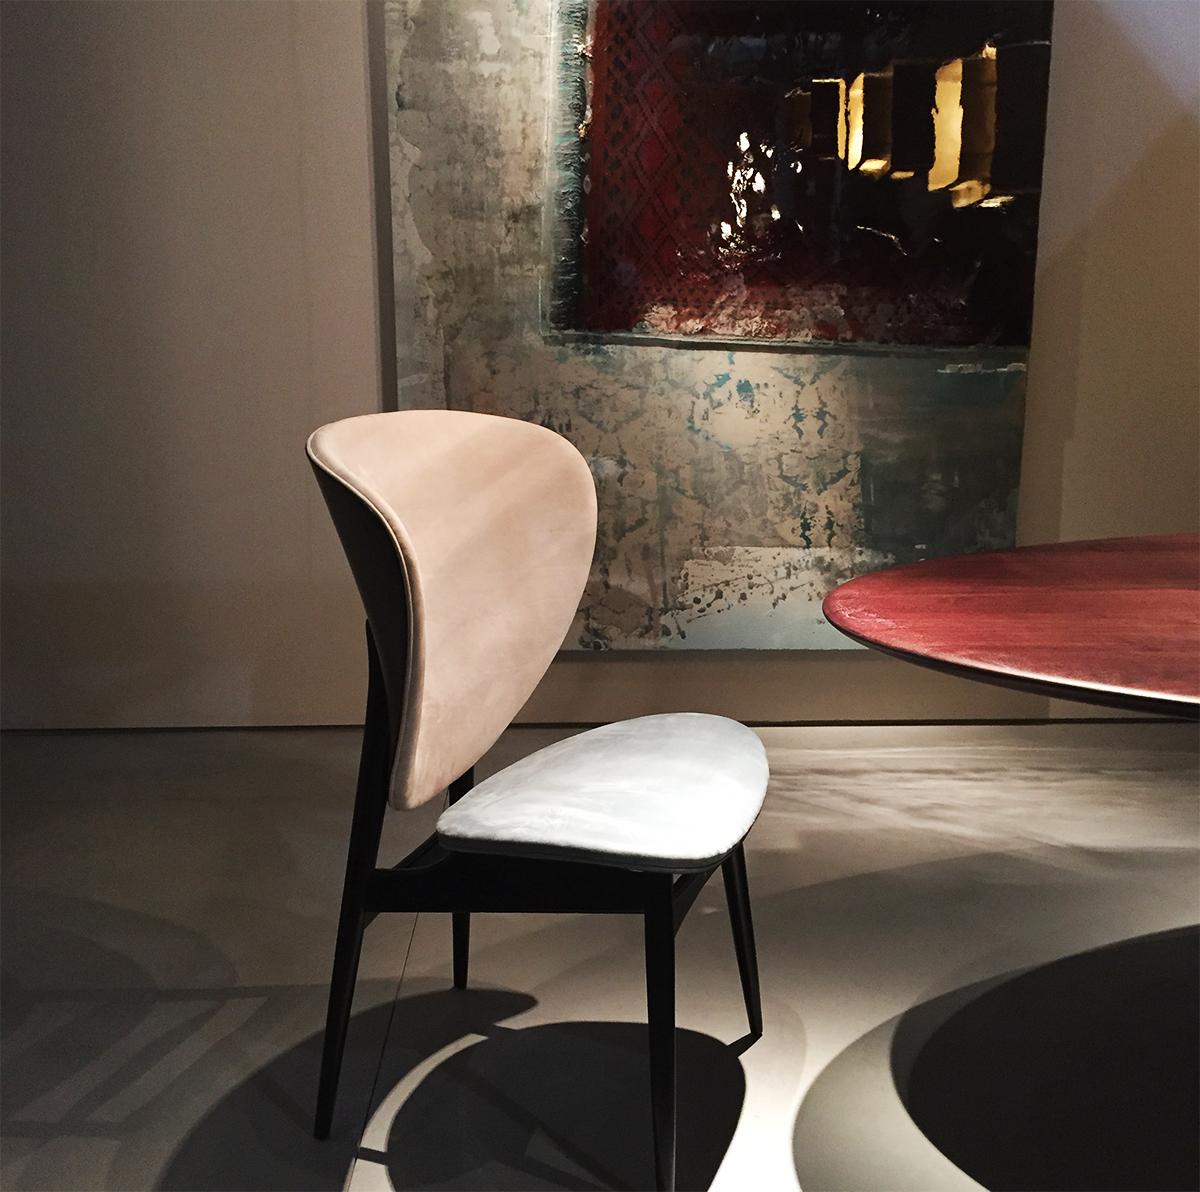 Alma Chair By Draga U0026 Aurel.